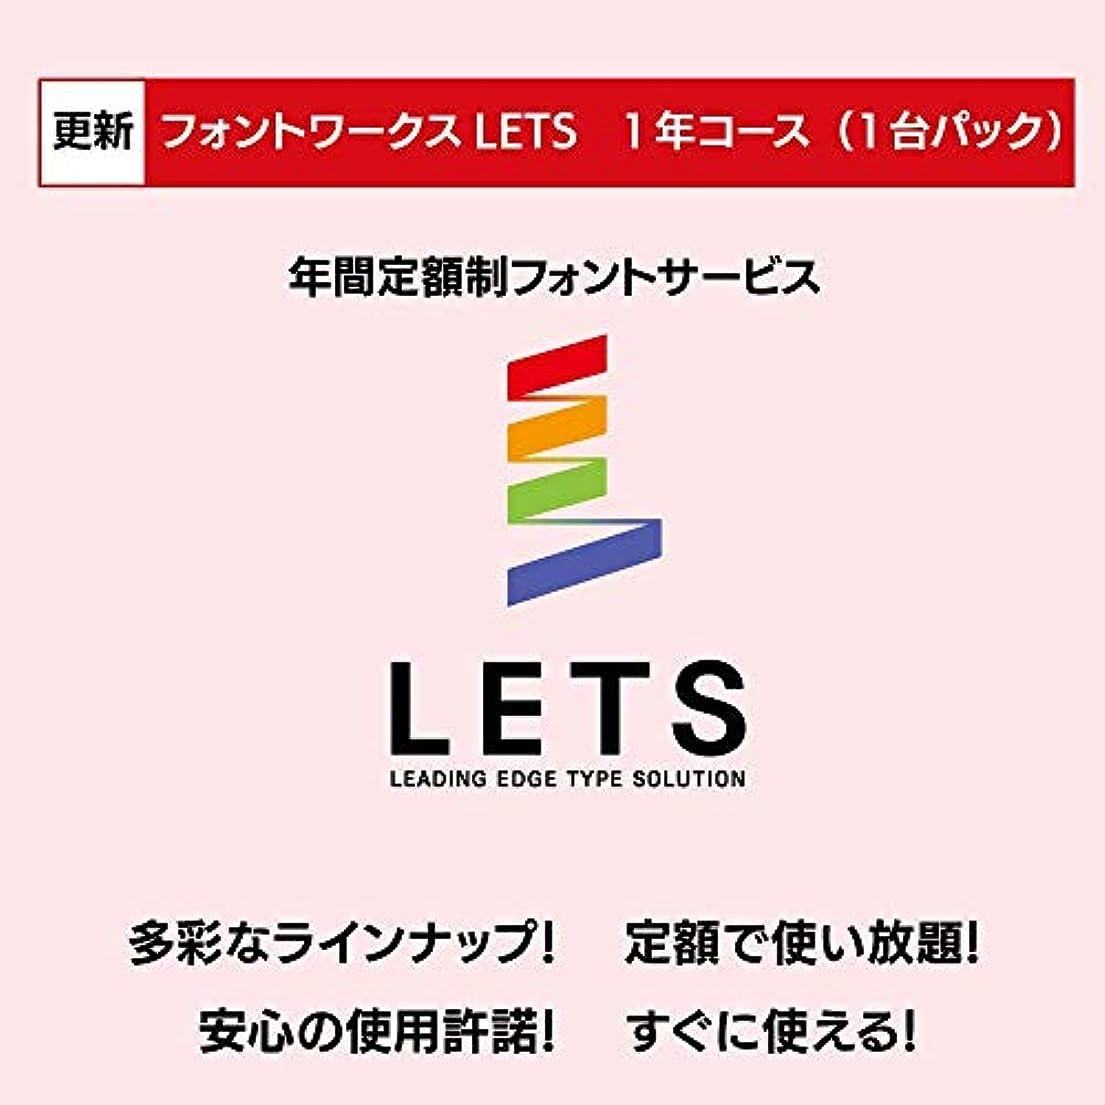 【更新専用】フォントワークスLETS 1年コース (1台パック) オンラインコード版